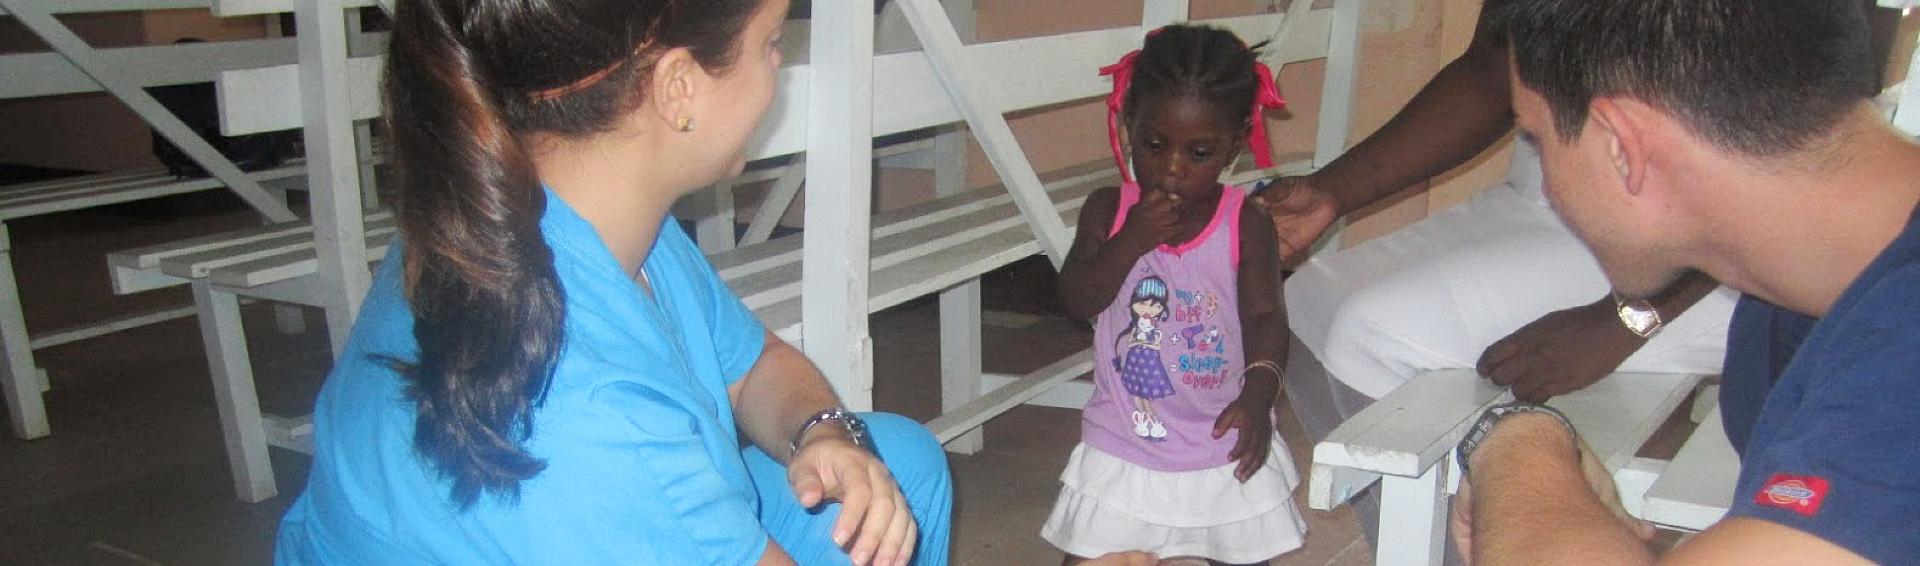 kid with nurse